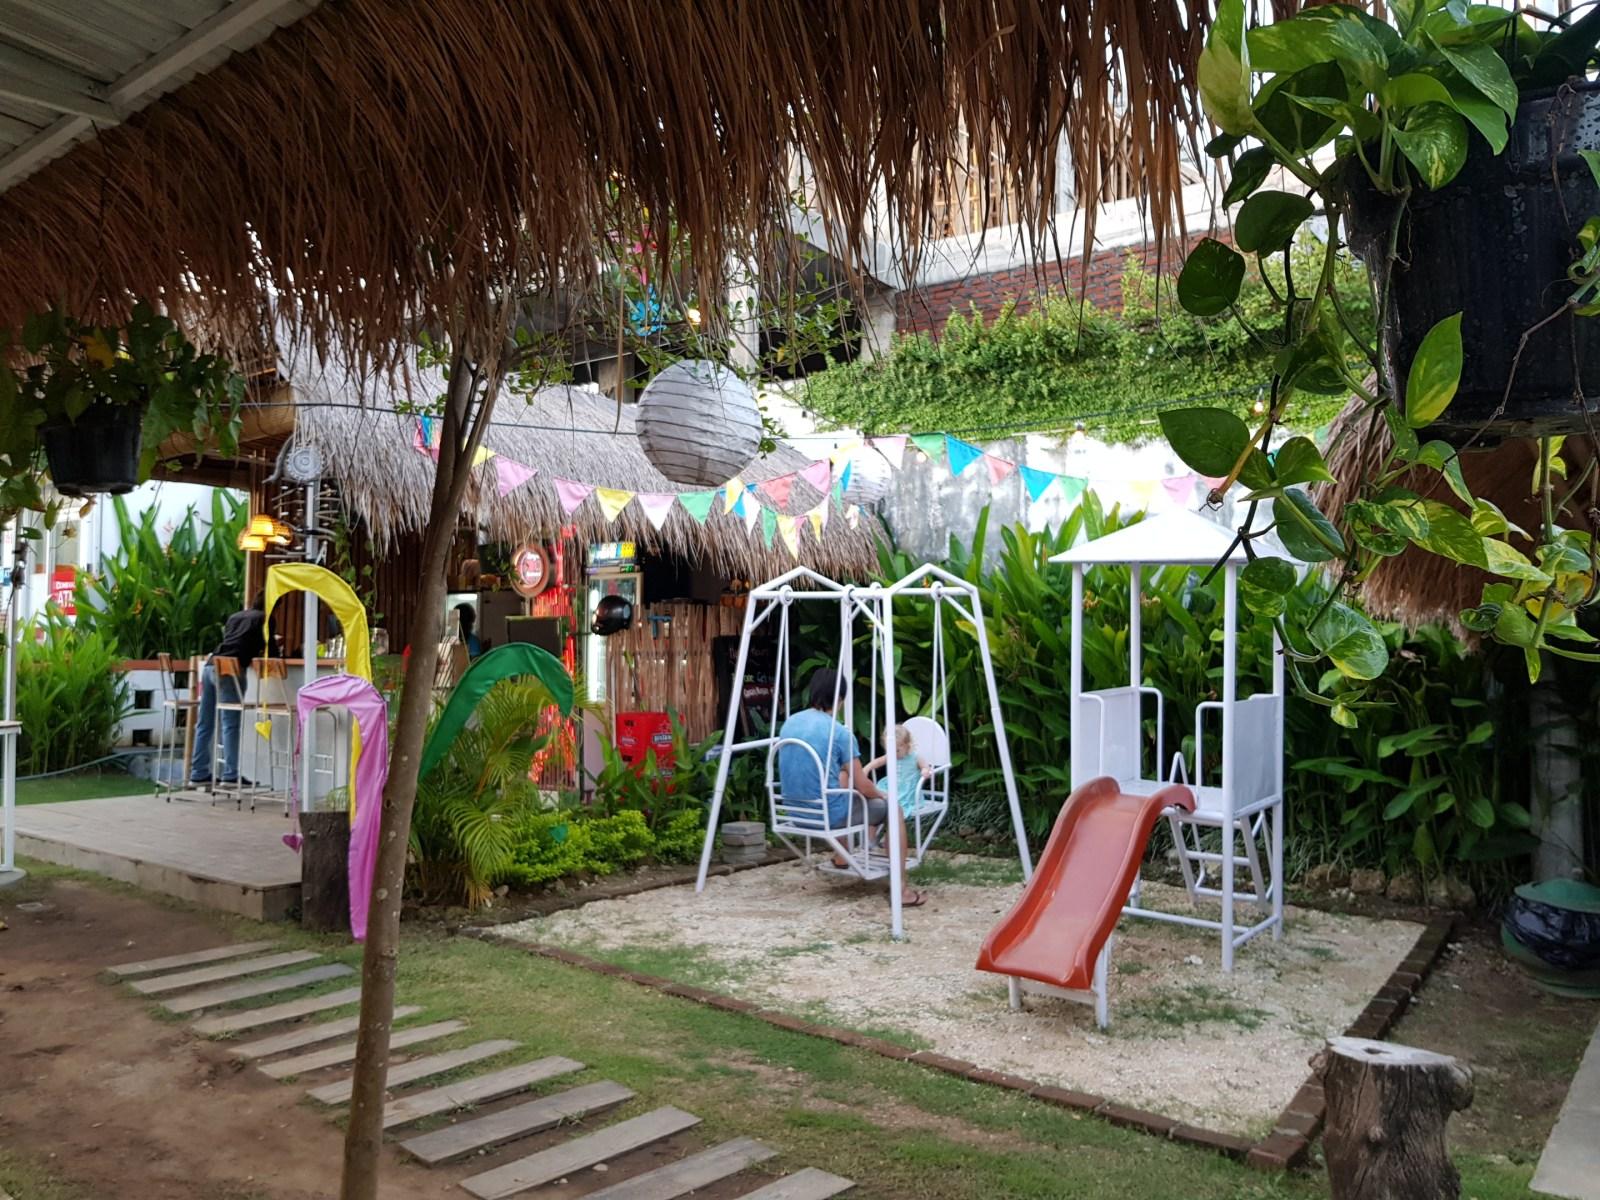 De leukste kidsproof hotspots op Bali en Gili Air